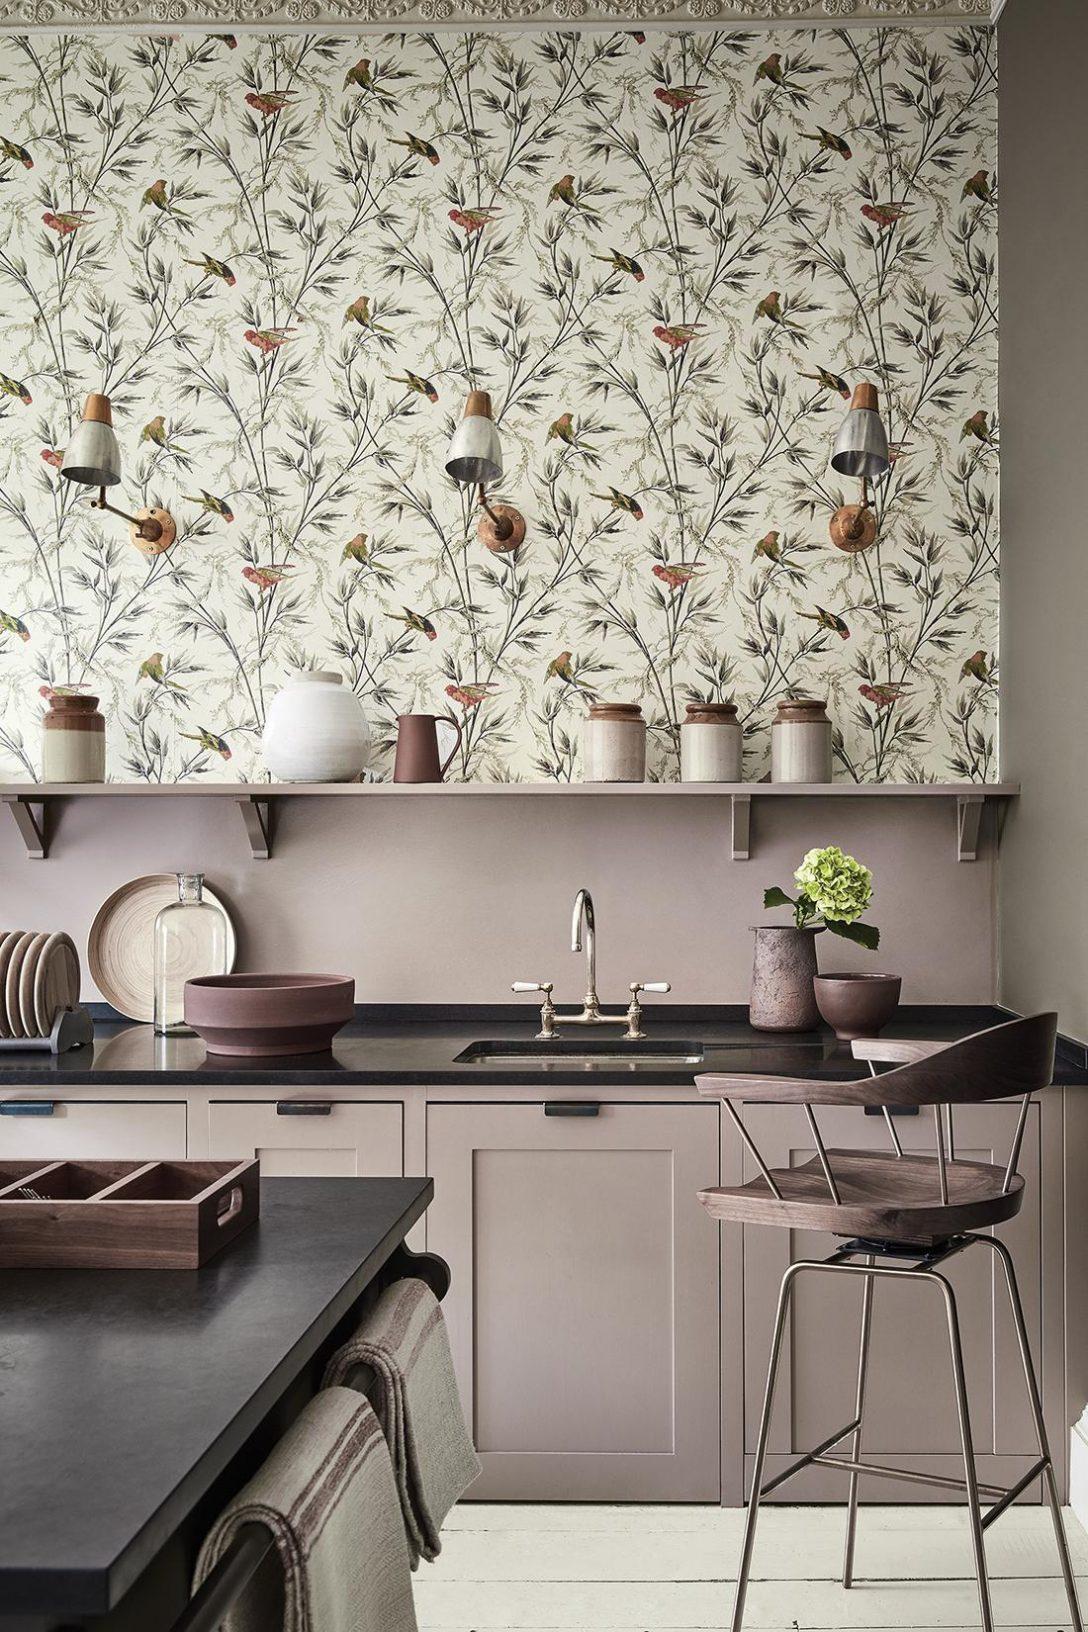 Large Size of Schöne Tapeten Für Küche Tapeten Für Küche Und Bad Abwaschbare Tapeten Für Küche Tapeten Für Küche Modern Küche Tapeten Für Küche